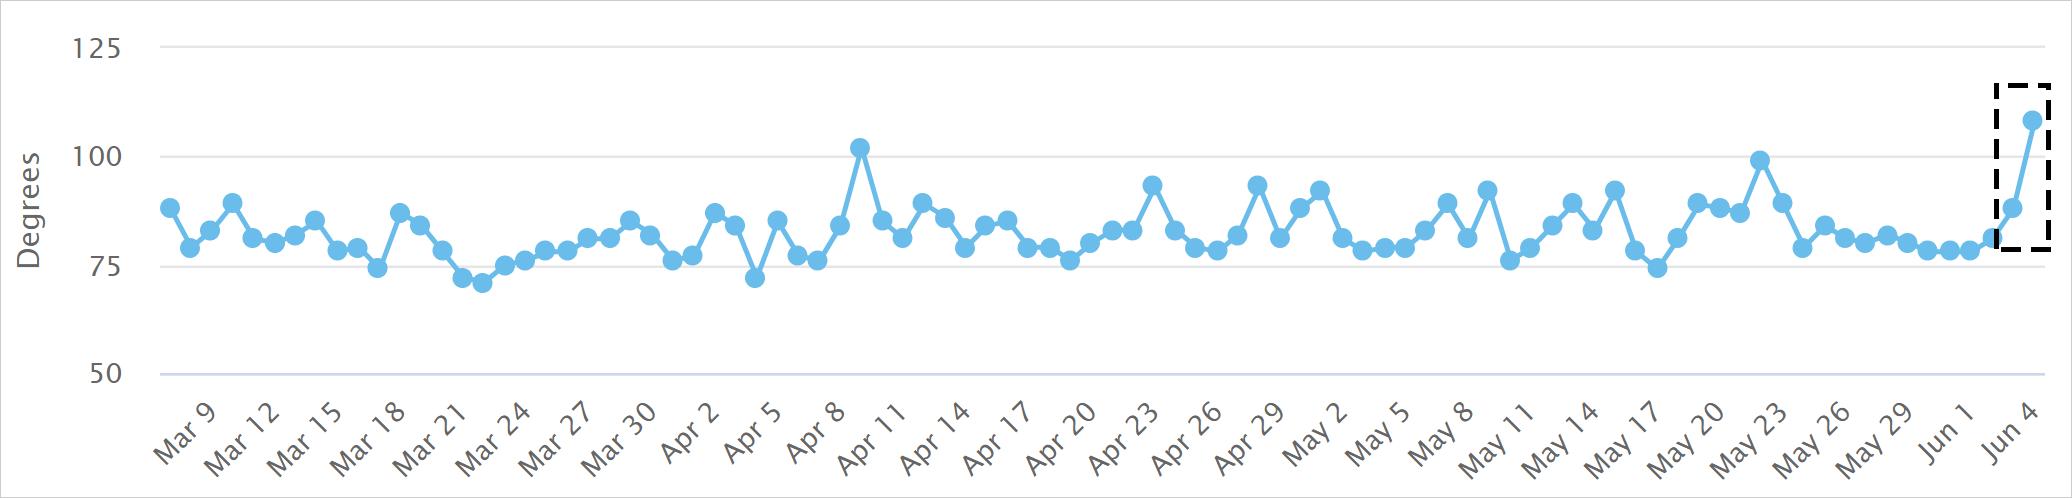 MozCastの2021年6月3日からのコアアップデートによる順位変動